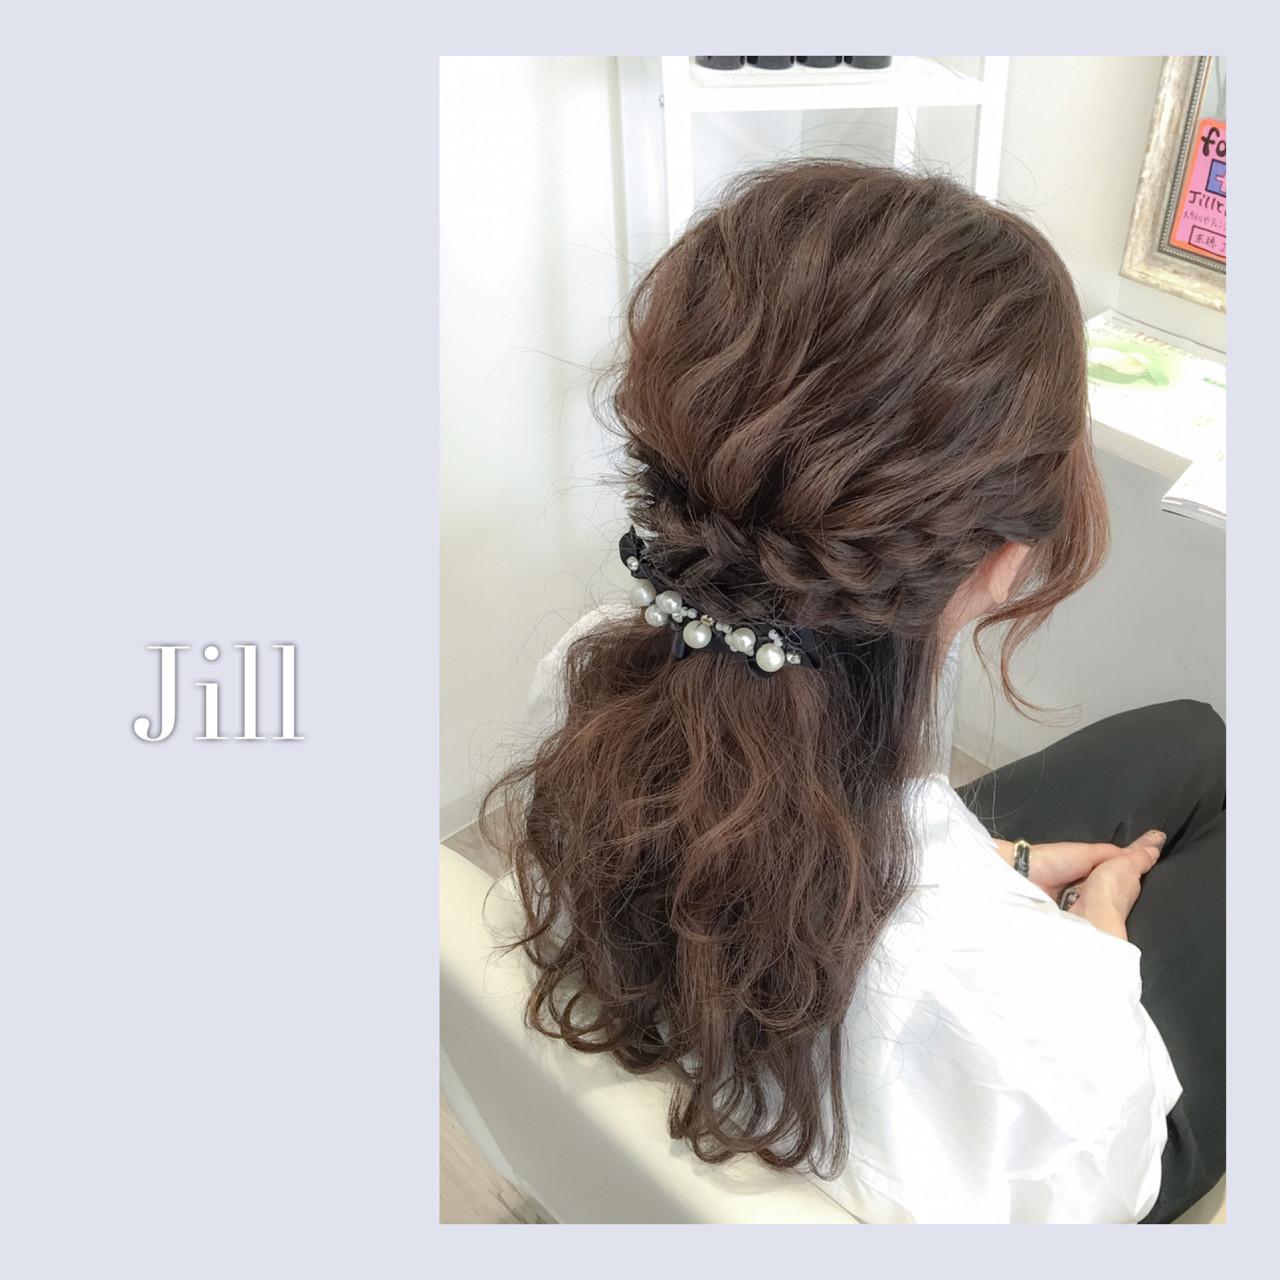 ハーフアップ ヘアアレンジ バレッタ 波ウェーブ ヘアスタイルや髪型の写真・画像